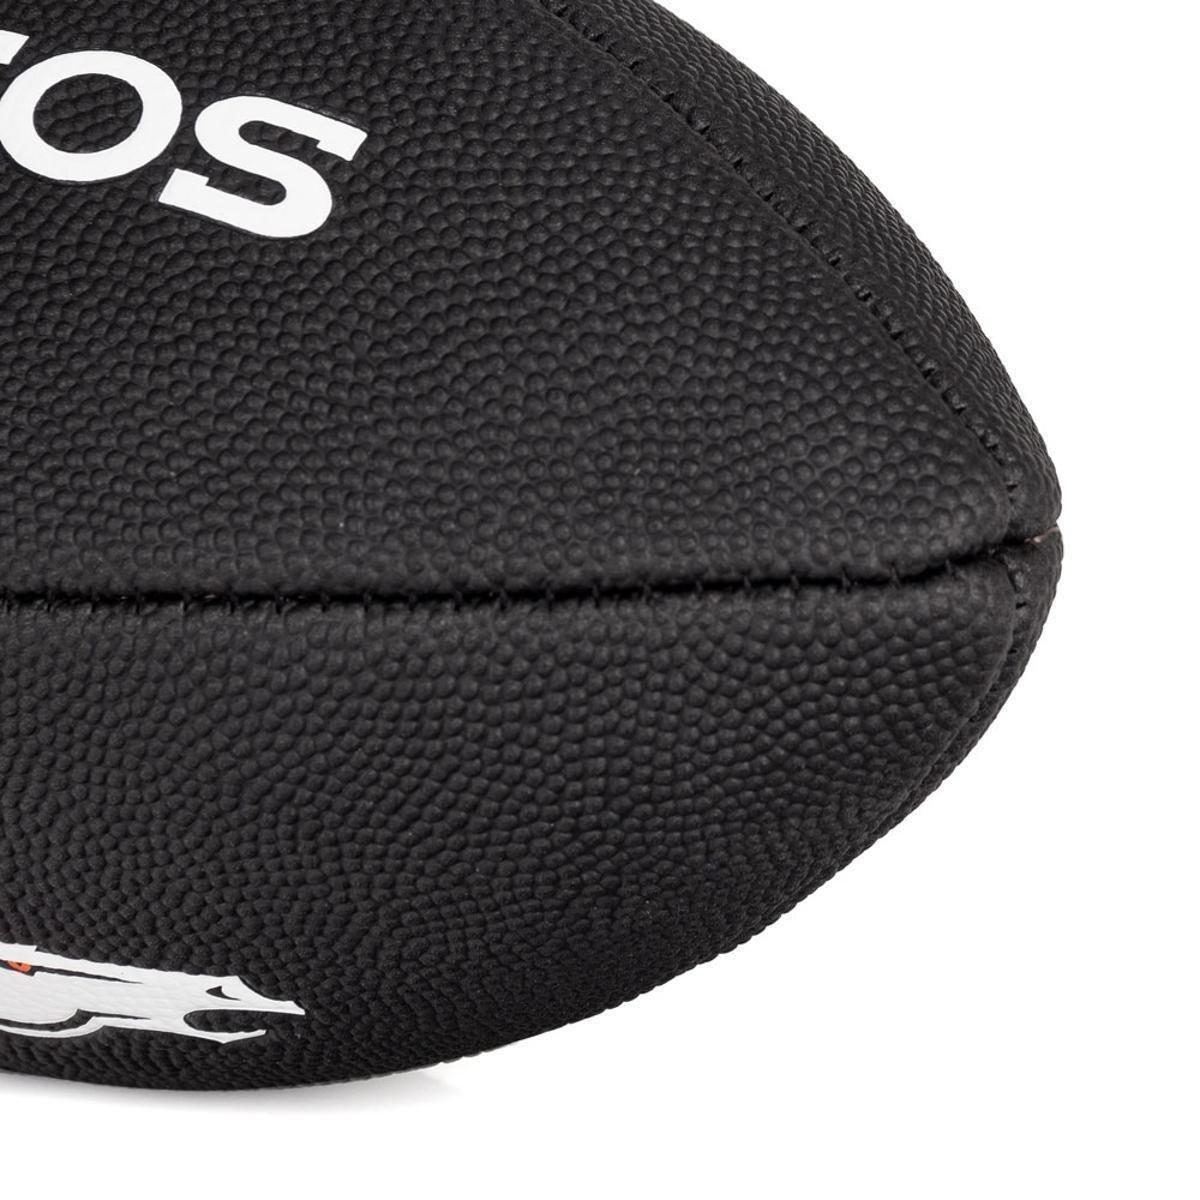 68cbfcac0d ... Bola de Futebol Americano Wilson NFL Team Jr Denver Broncos Edition  Black ...